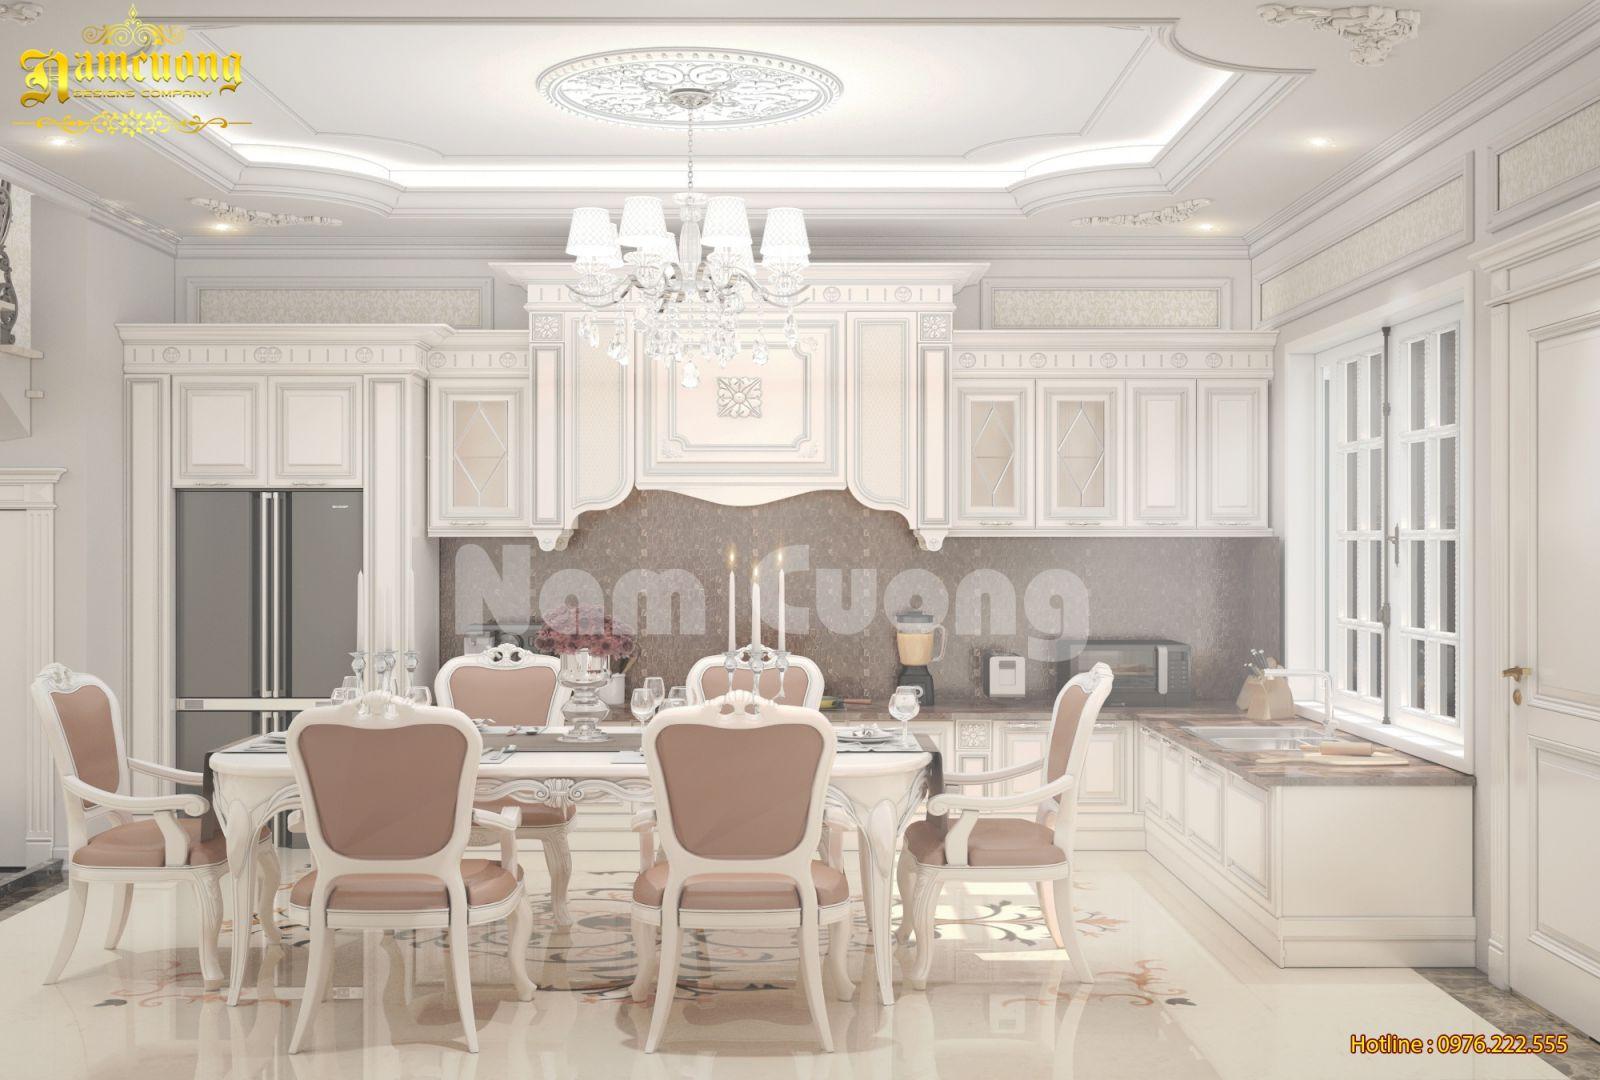 Thiết kế nội thất cho biệt thự tân cổ điển mini tại Hải Phòng